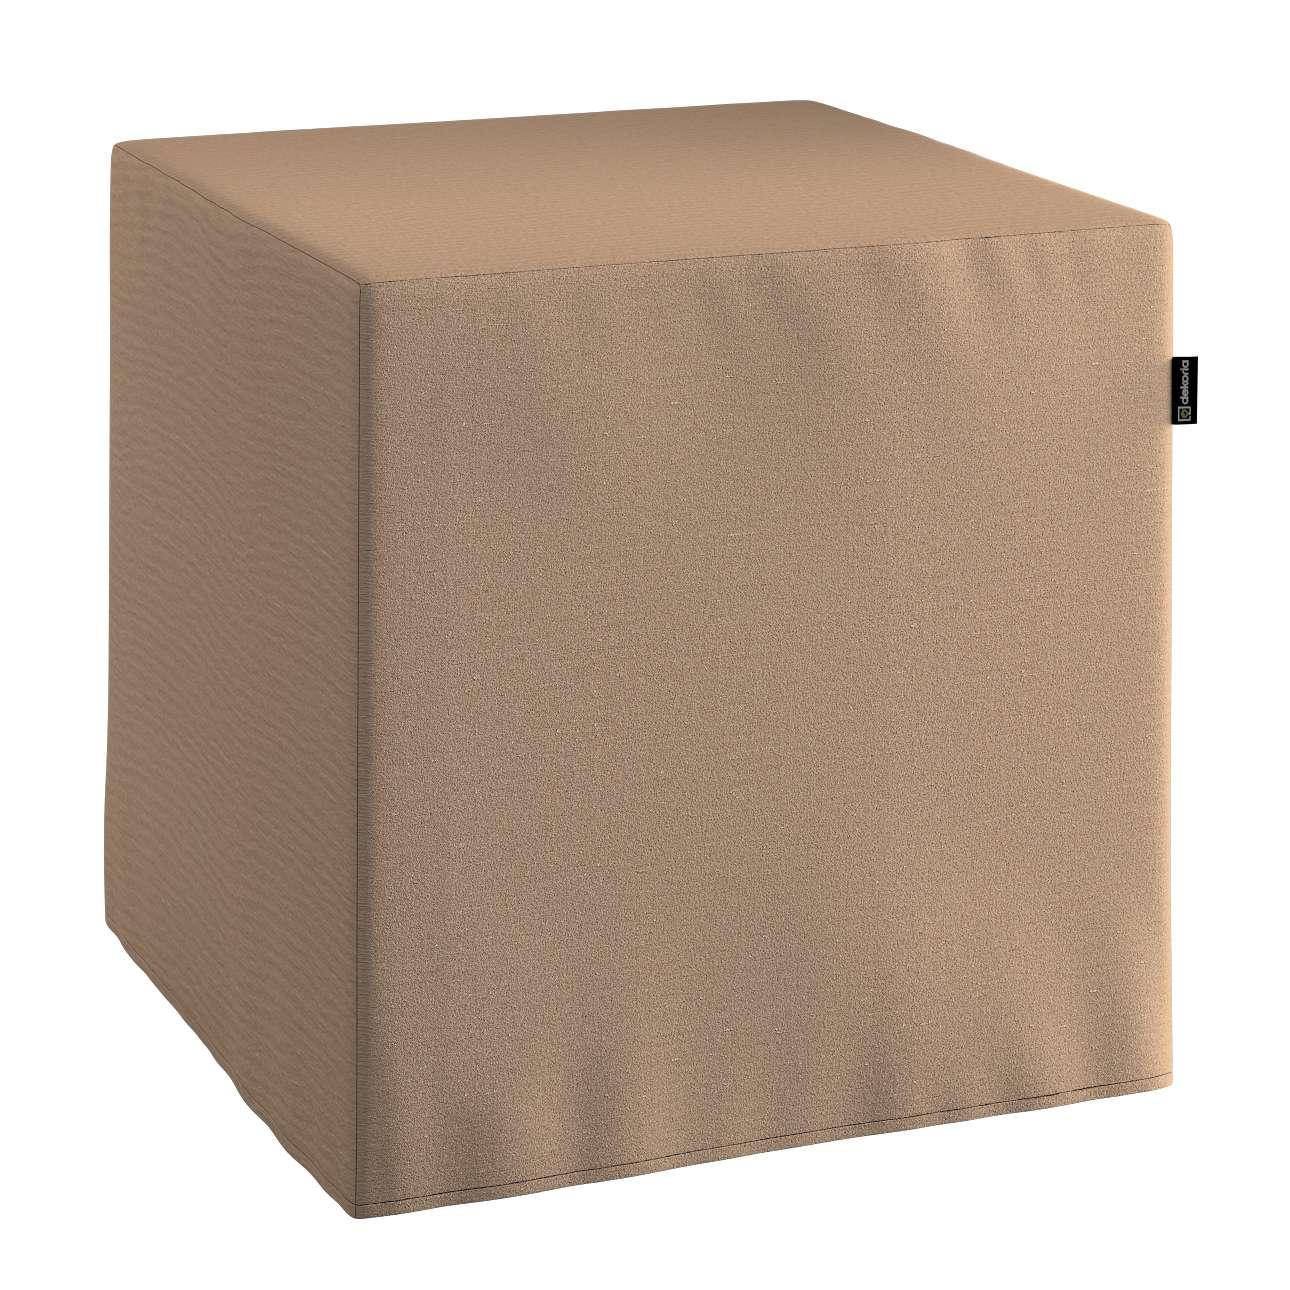 Harter Sitzwürfel 40 x 40 x 40 cm von der Kollektion Quadro, Stoff: 136-09